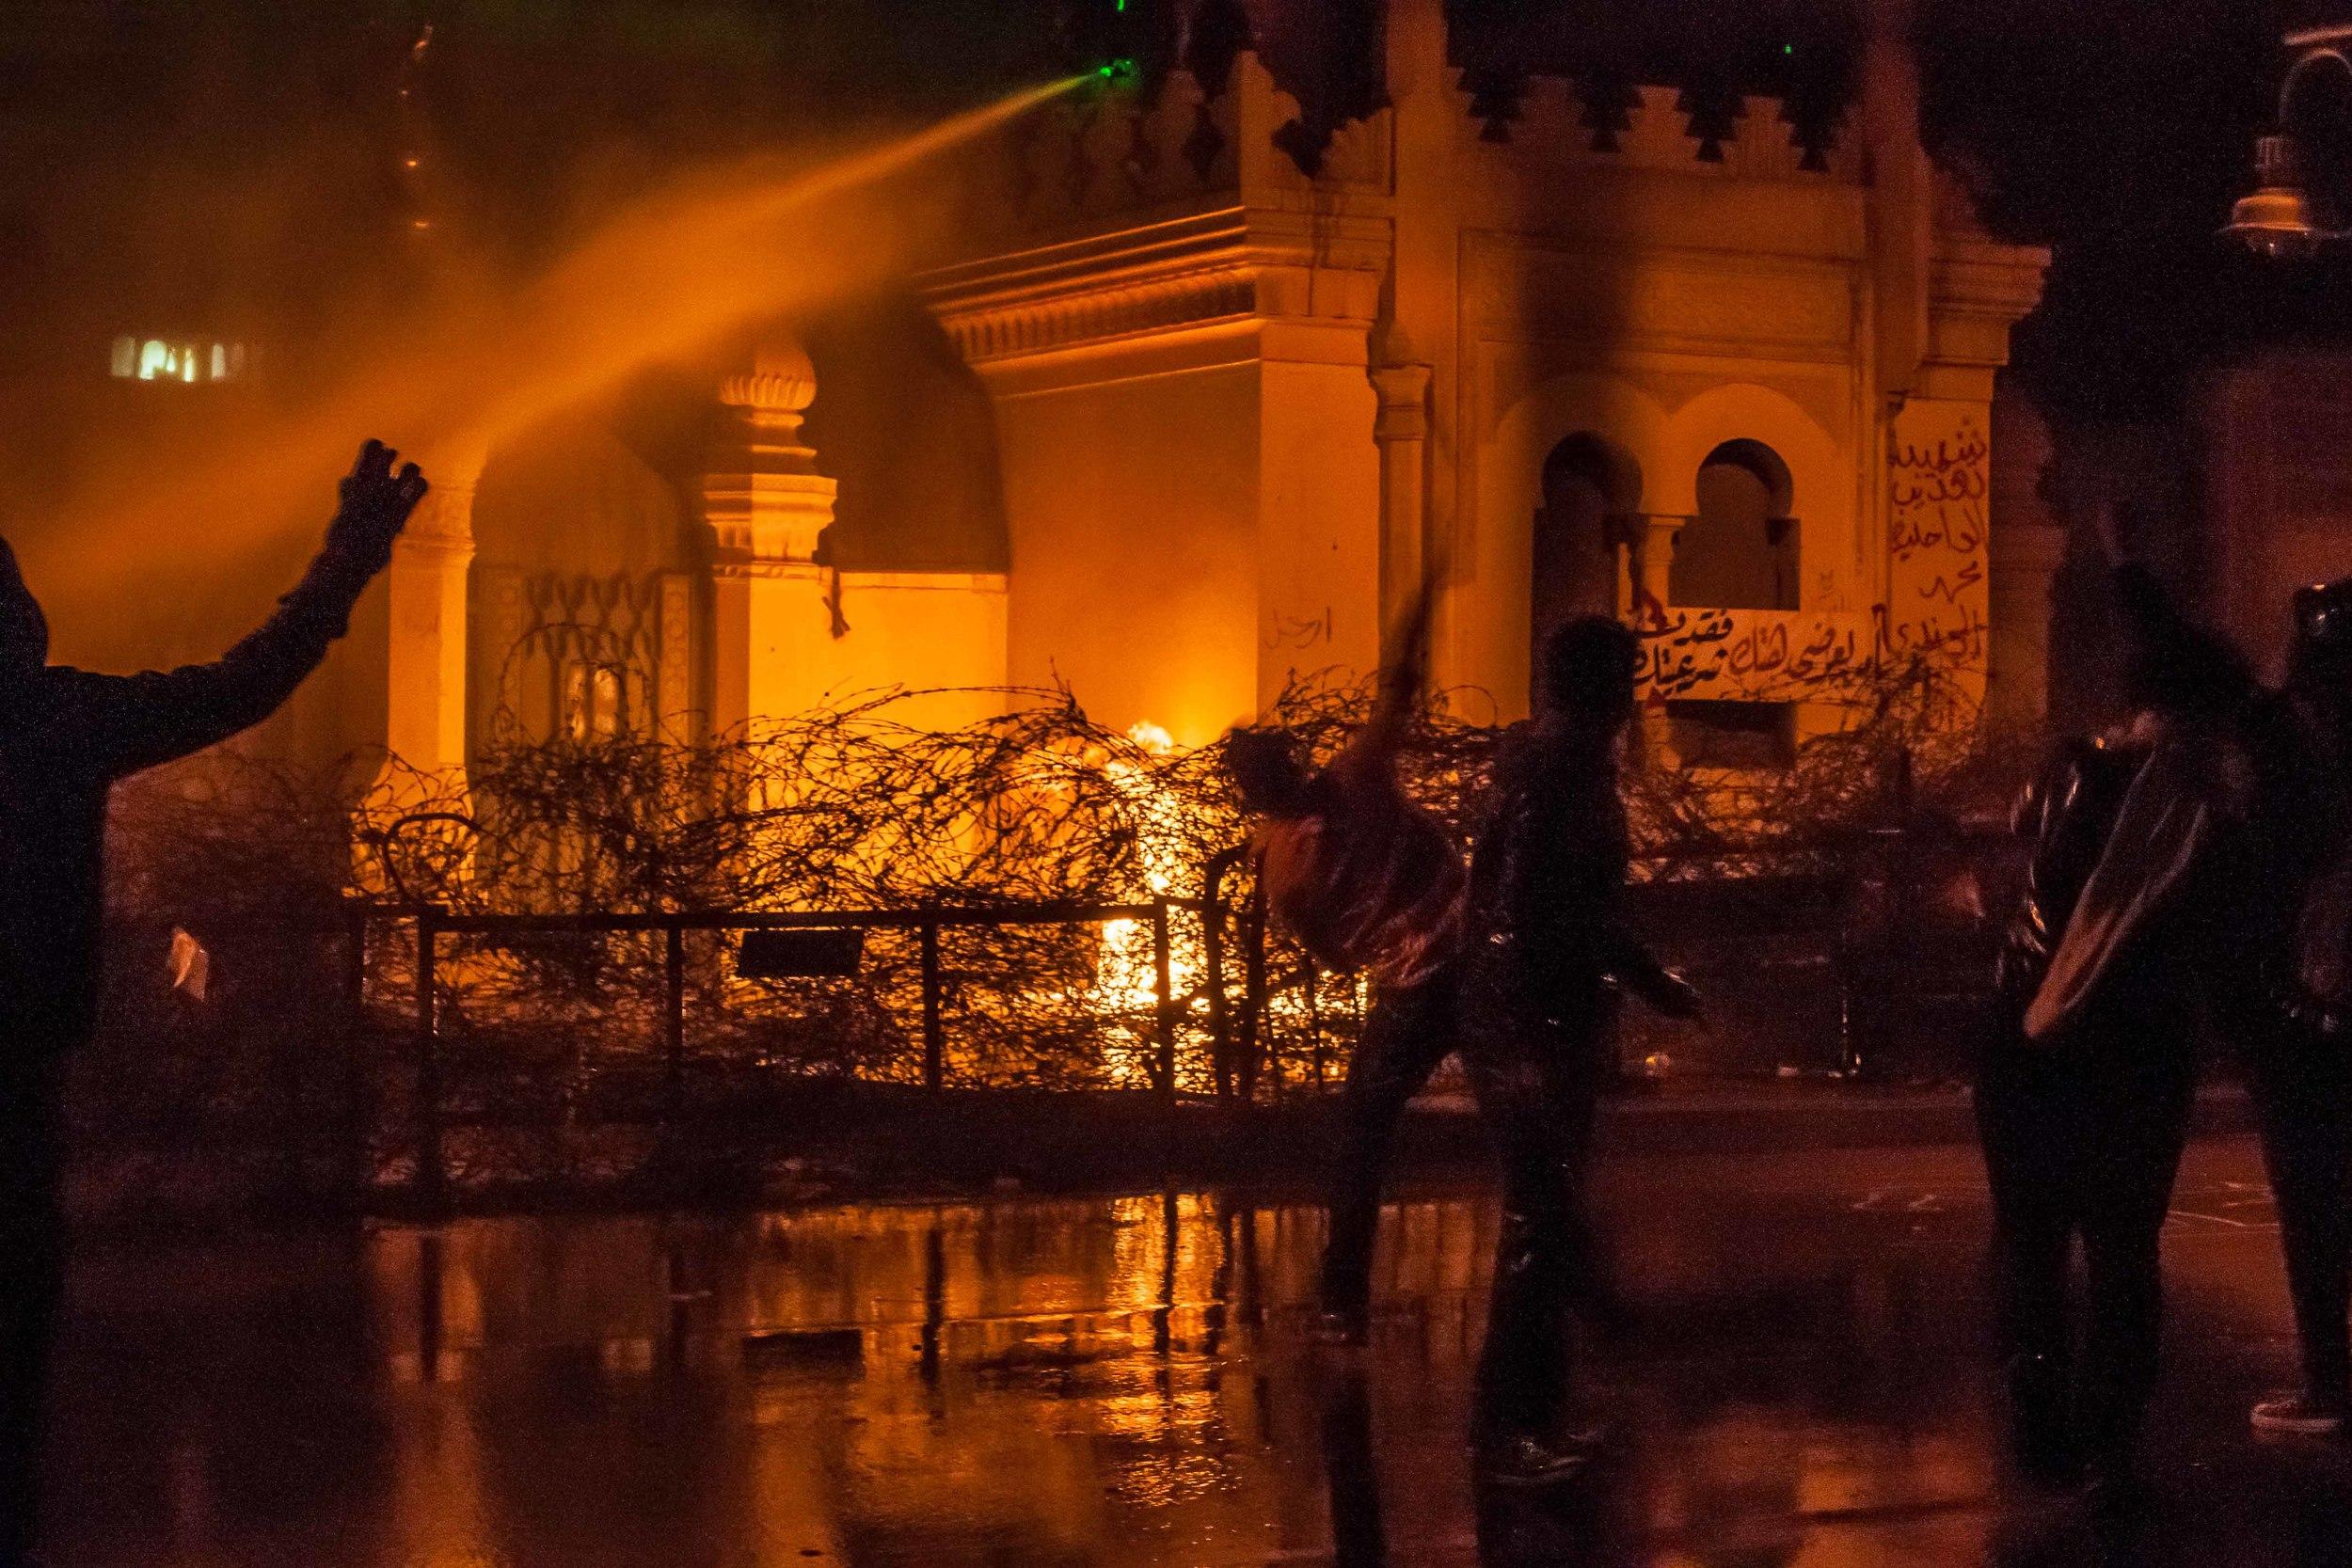 Protestors hurl rocks at the palace as water canons fire at protestors.